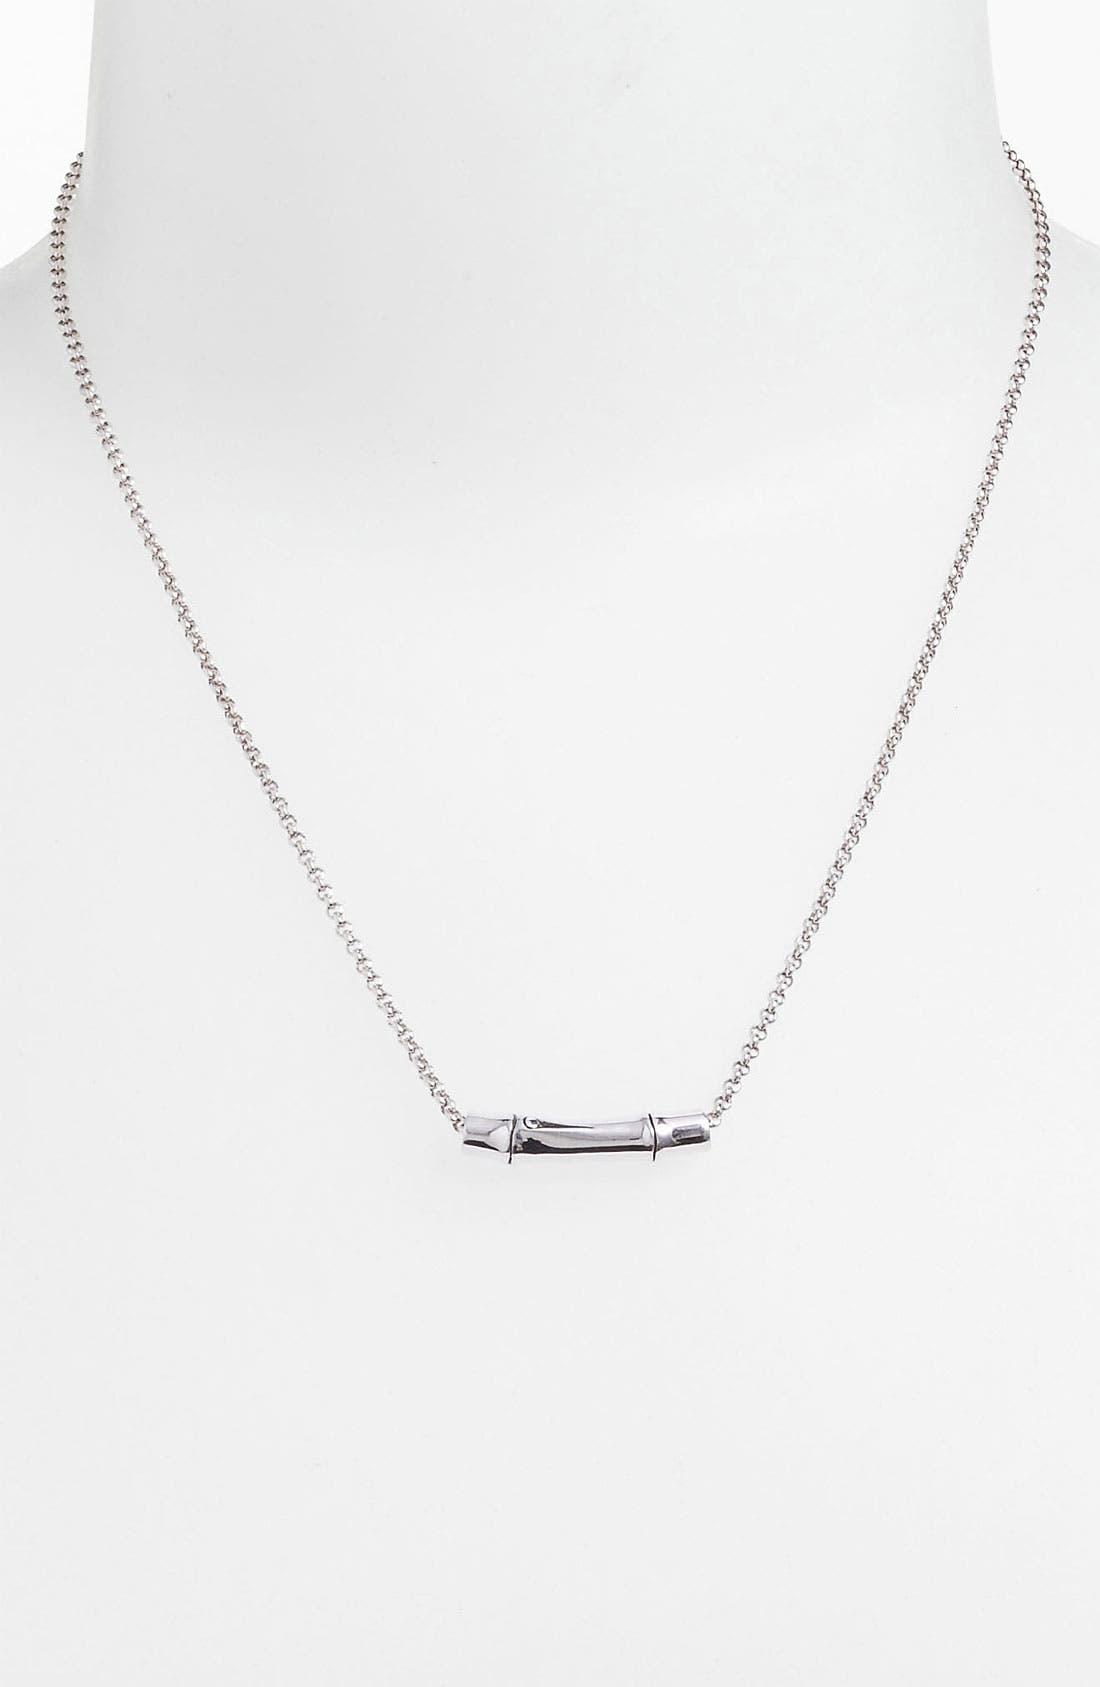 Main Image - John Hardy 'Bamboo' Slide Pendant Necklace